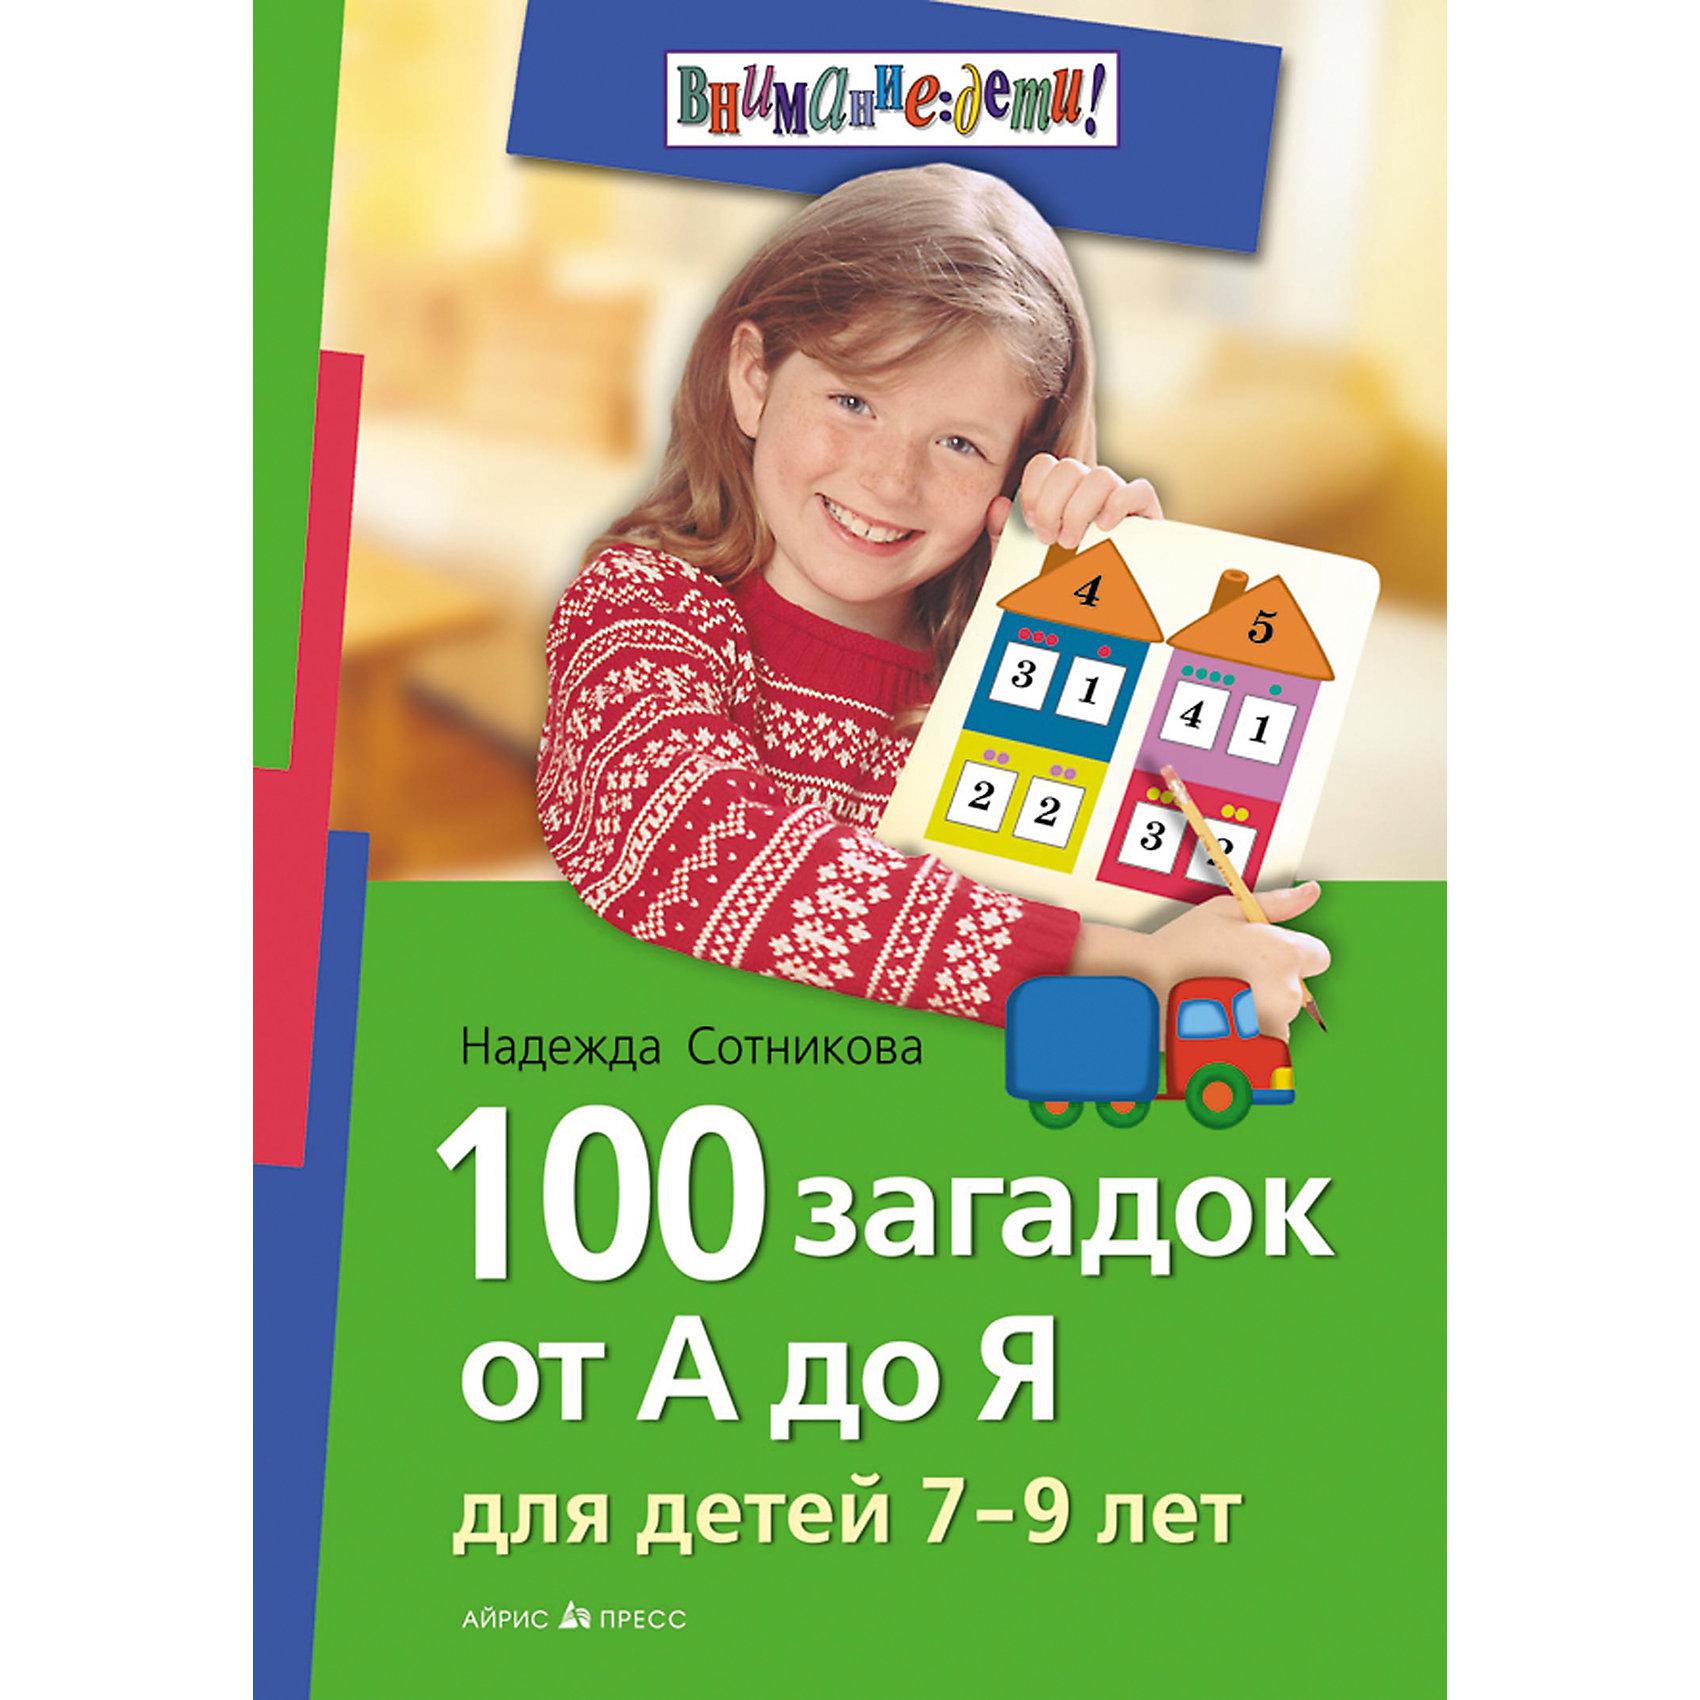 100 загадок от А до Я. Для детей 7-9 лет, Сотникова Н.А.Викторины, ребусы<br>Все дети любят загадки. Они помогают ребёнку по-новому взглянуть на знакомые предметы и явления. В книге представлено около 100 стихотворных загадок, каждая из которых сопровождается рисунком-головоломкой и полем со специальными клеточками, куда ребёнок может вписать правильный ответ. Таким образом, у детей одновременно закрепляются навыки чтения и письма, развиваются внимание и сообразительность. Адресовано детям 7-9 лет, их родителям, учителям начальной школы.<br><br>Ширина мм: 5<br>Глубина мм: 165<br>Высота мм: 235<br>Вес г: 156<br>Возраст от месяцев: 84<br>Возраст до месяцев: 108<br>Пол: Унисекс<br>Возраст: Детский<br>SKU: 6849662